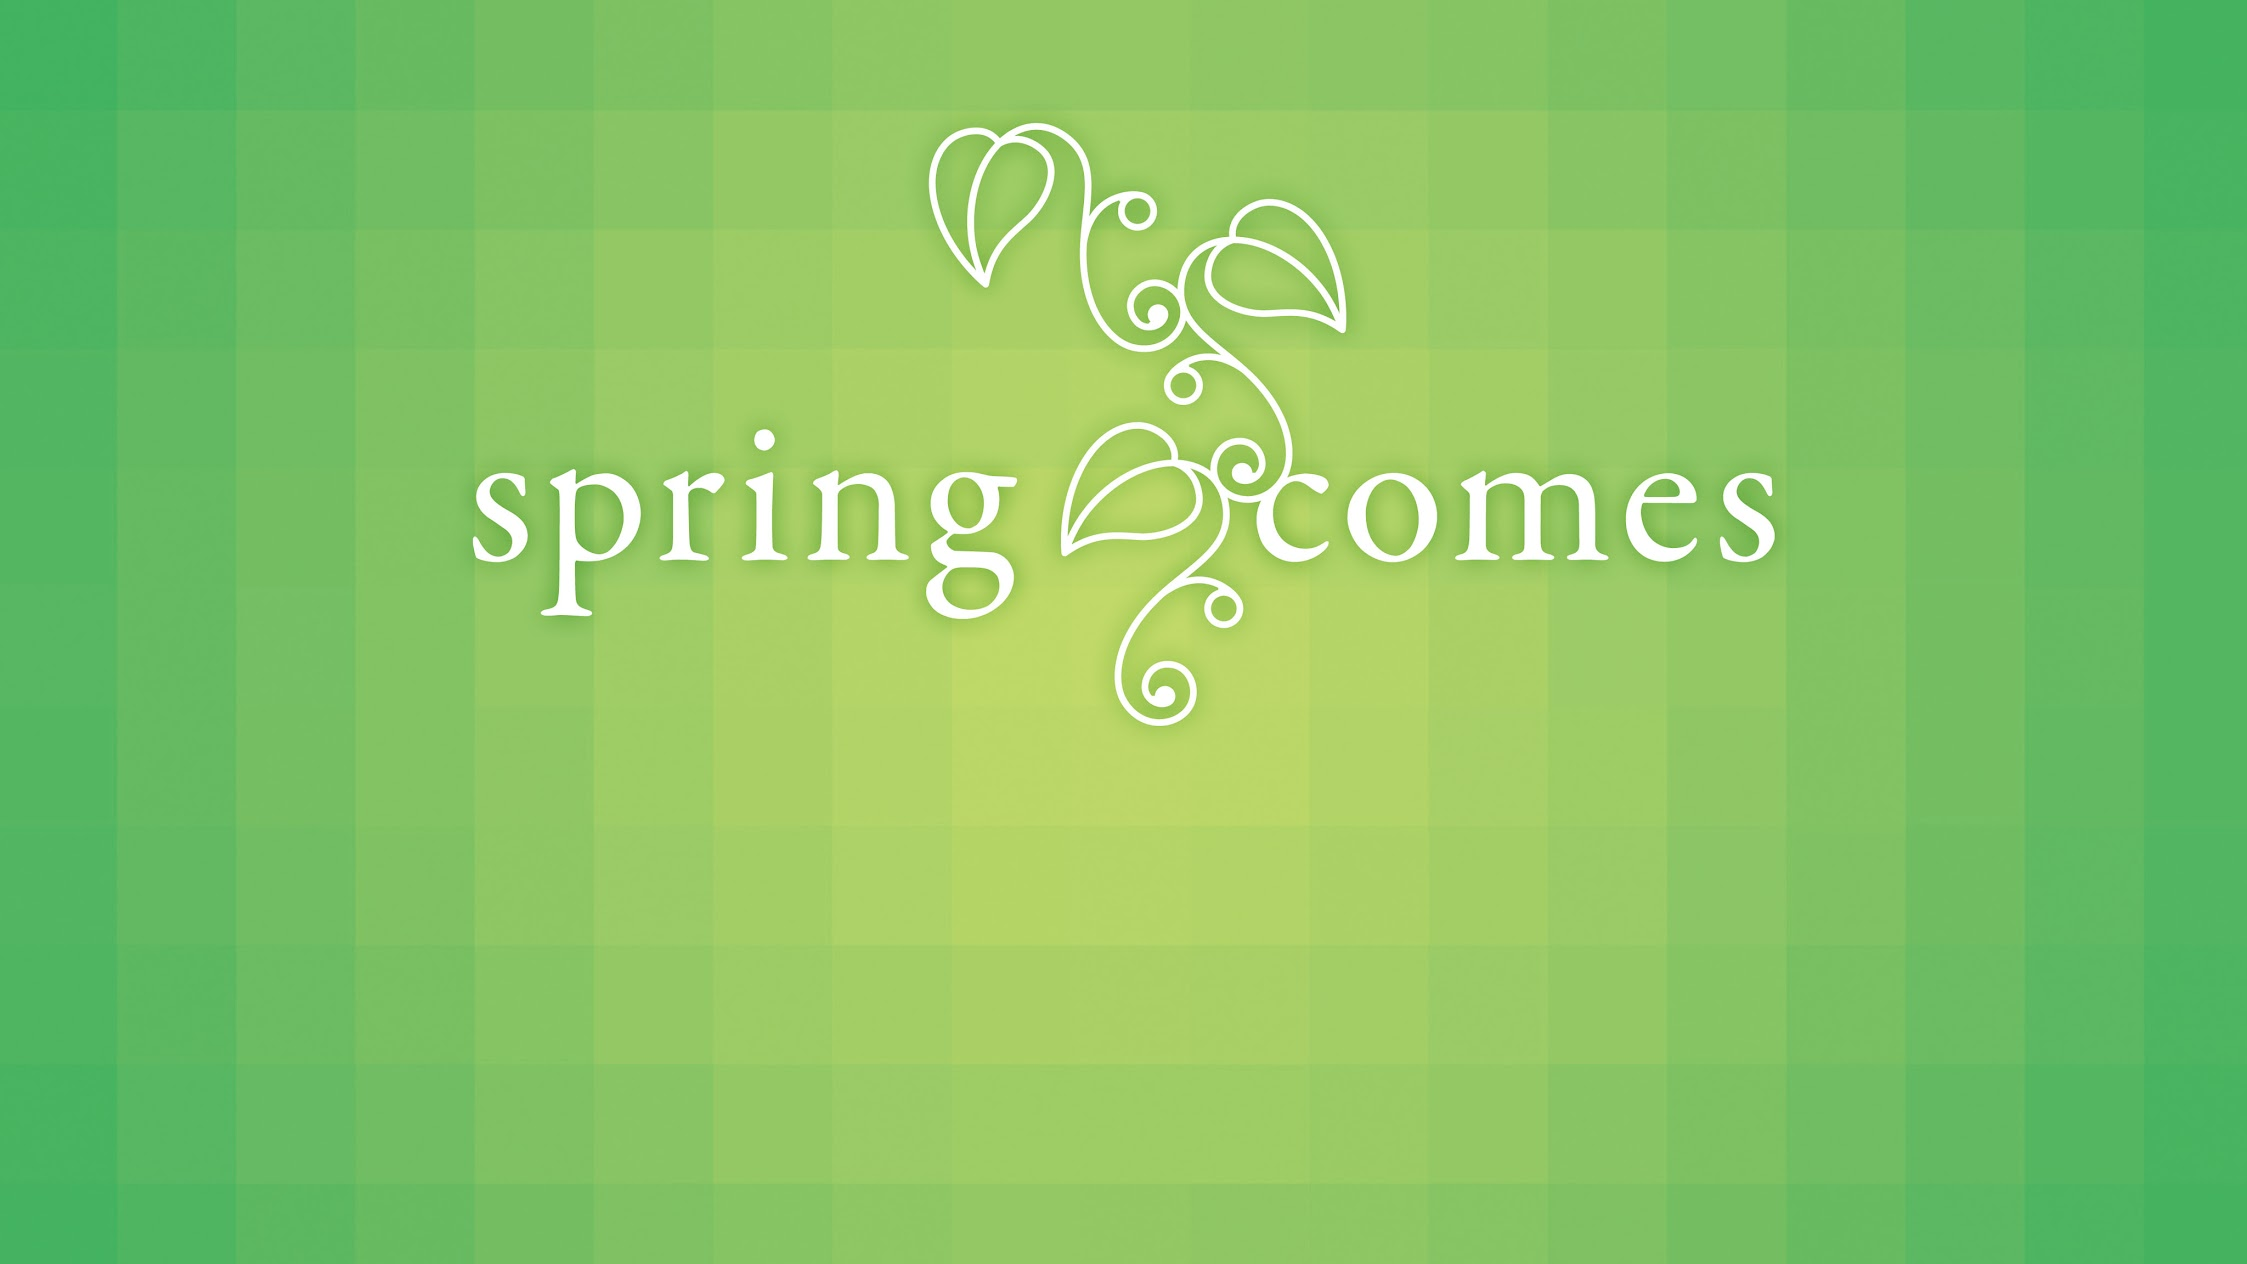 Springcomes